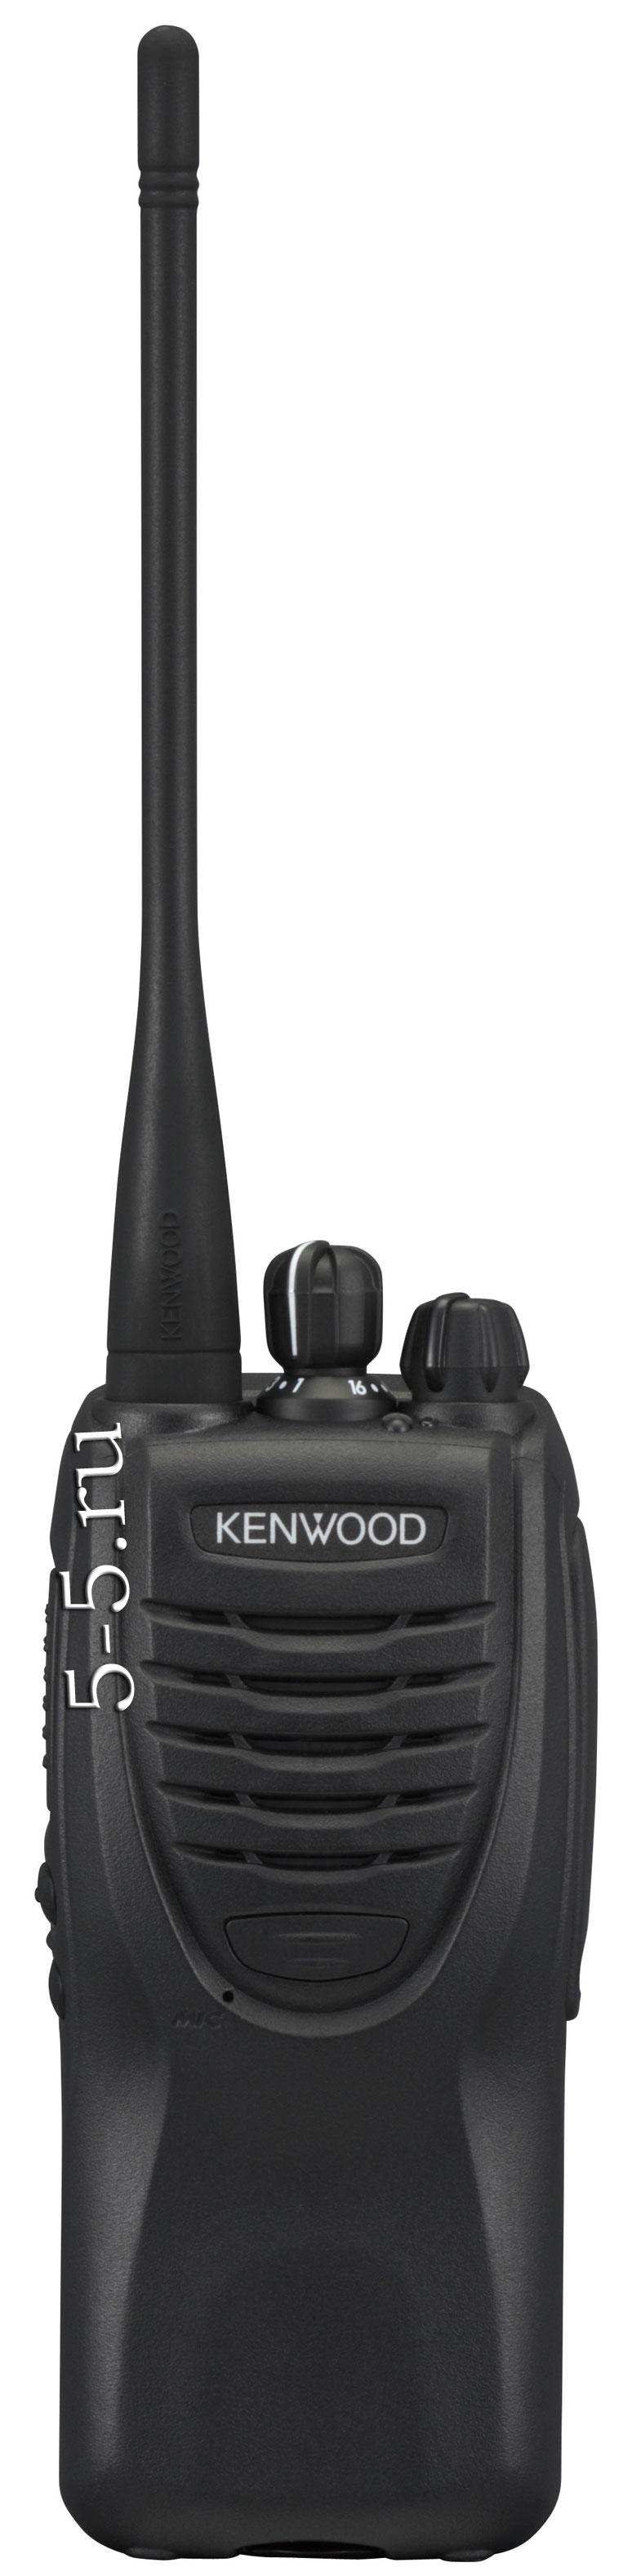 рация kenwood tk-3107 инструкция по применению